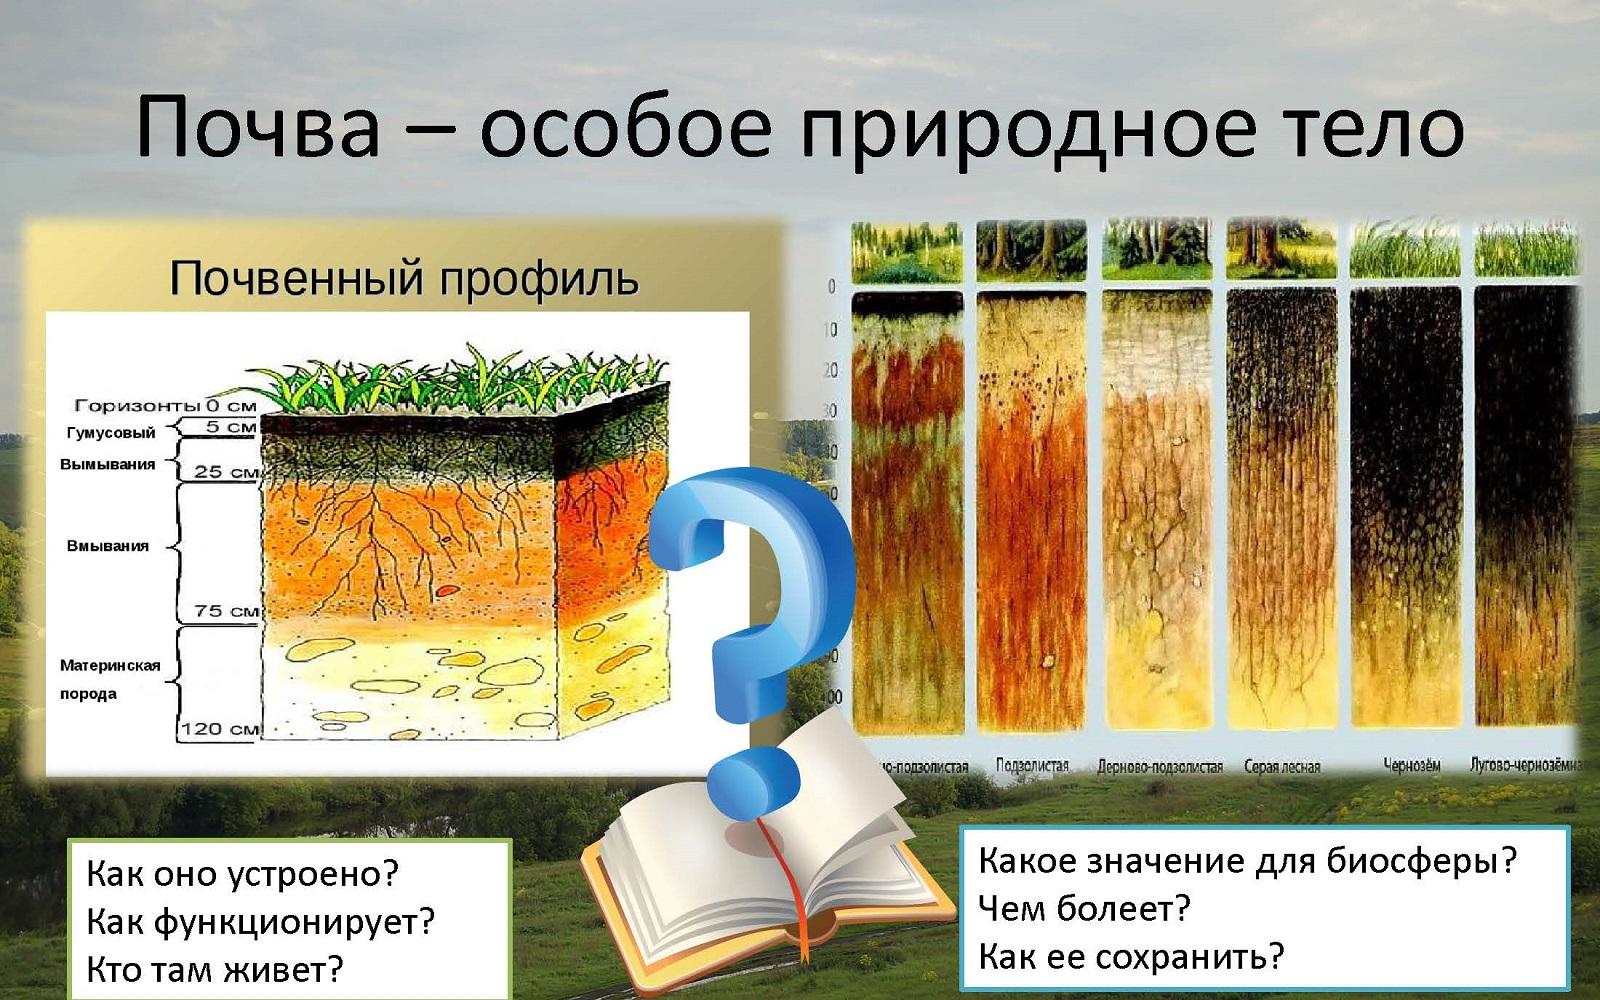 圣彼得堡国立大学本科专业《土壤学》详细介绍!插图-小狮座俄罗斯留学